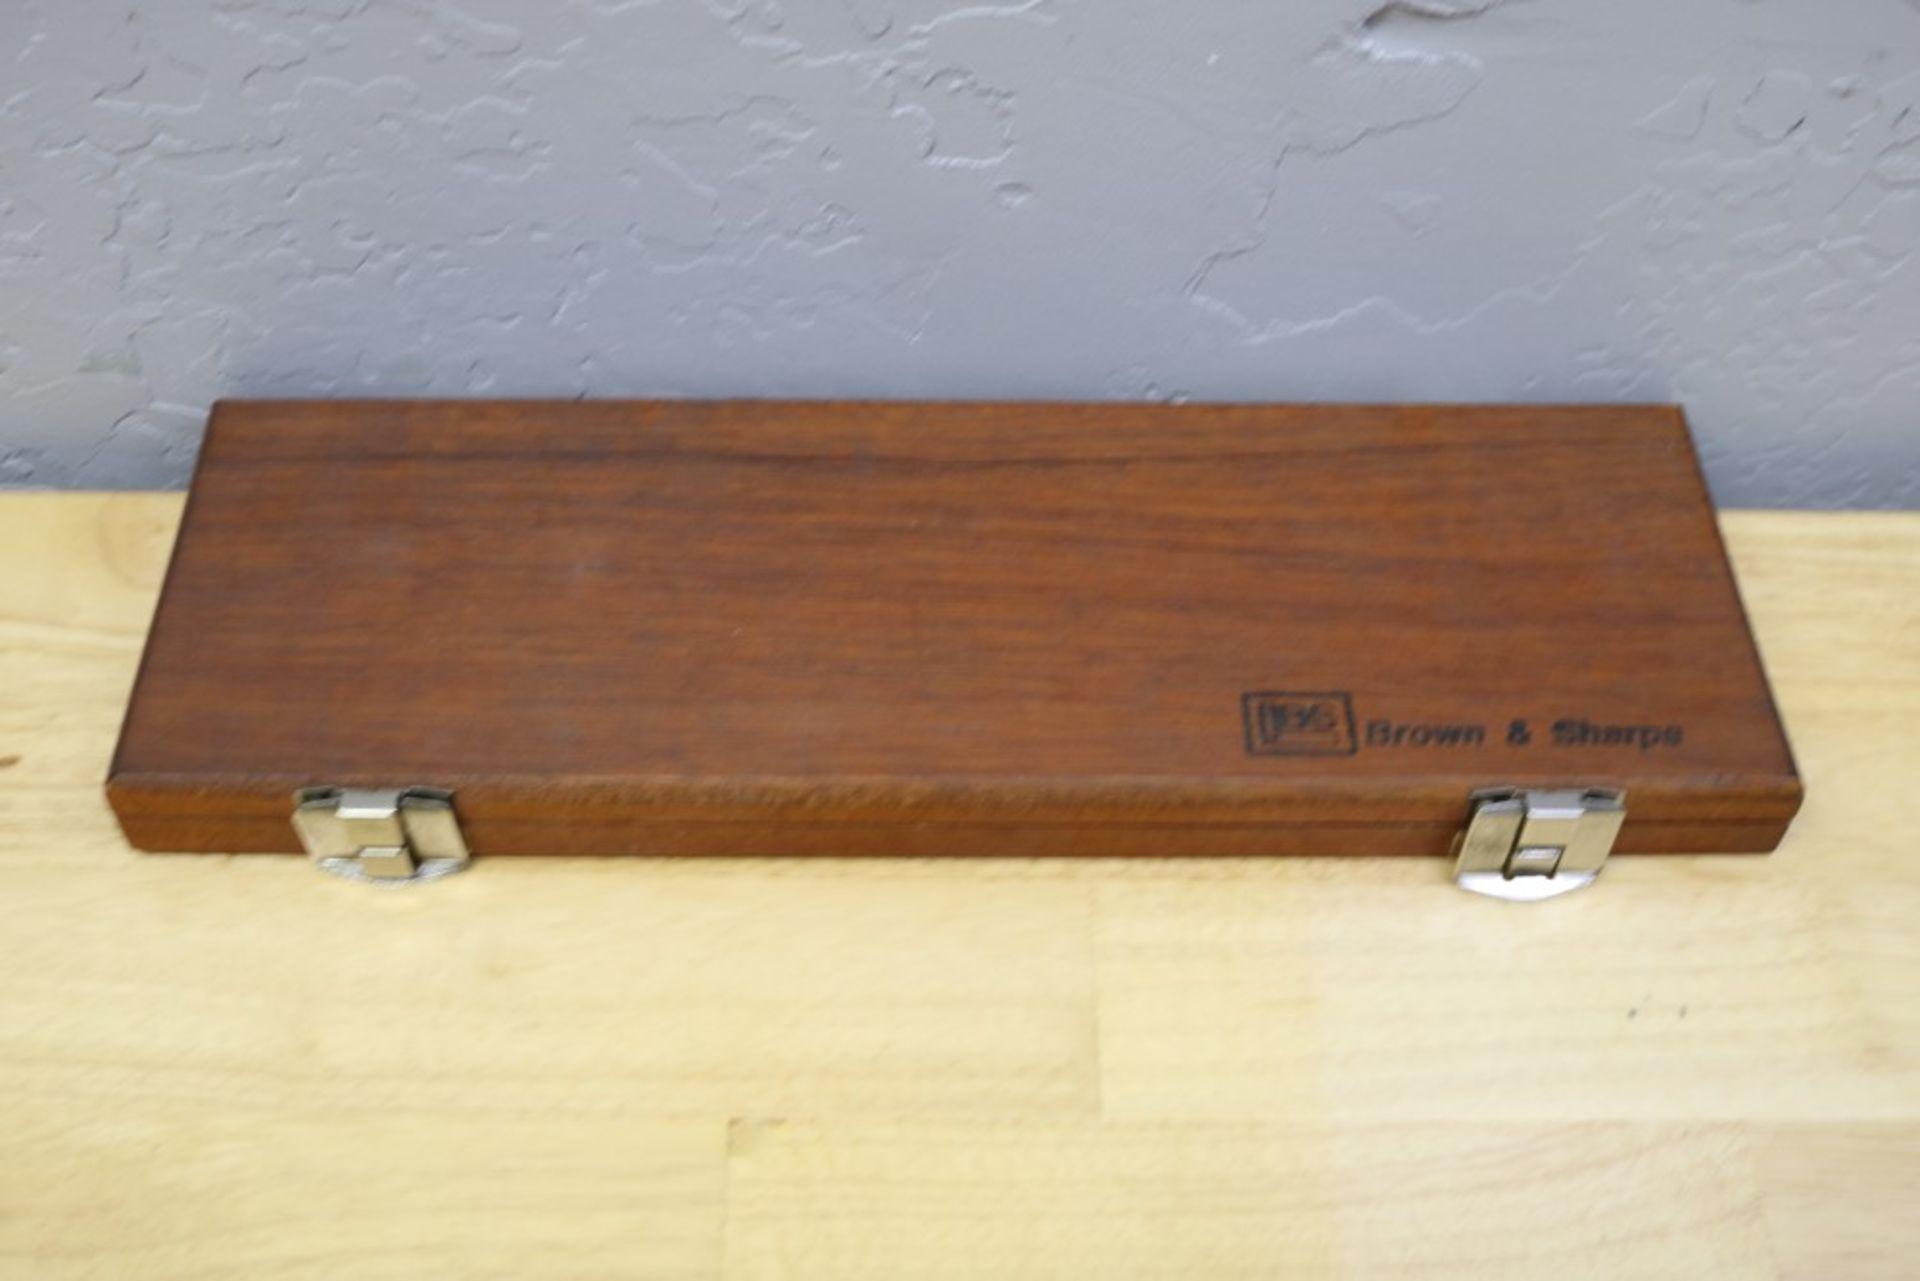 """Lot 21 - Brown & Sharpe Depth Micrometer 0-3"""""""